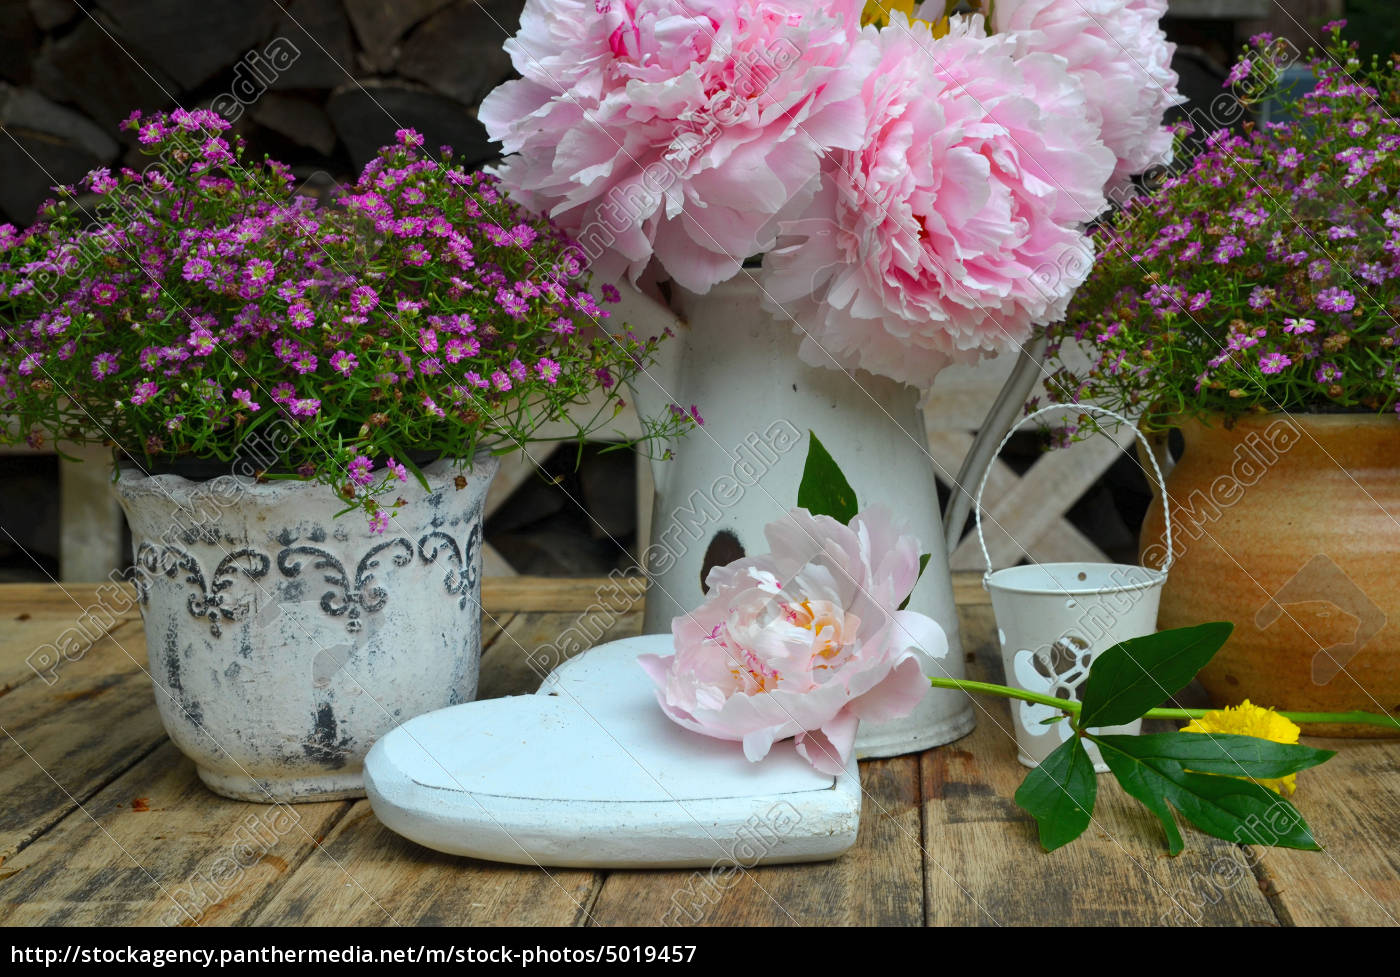 Dekoration Tisch.Lizenzfreies Bild 5019457 Garten Dekoration Tisch Blumen